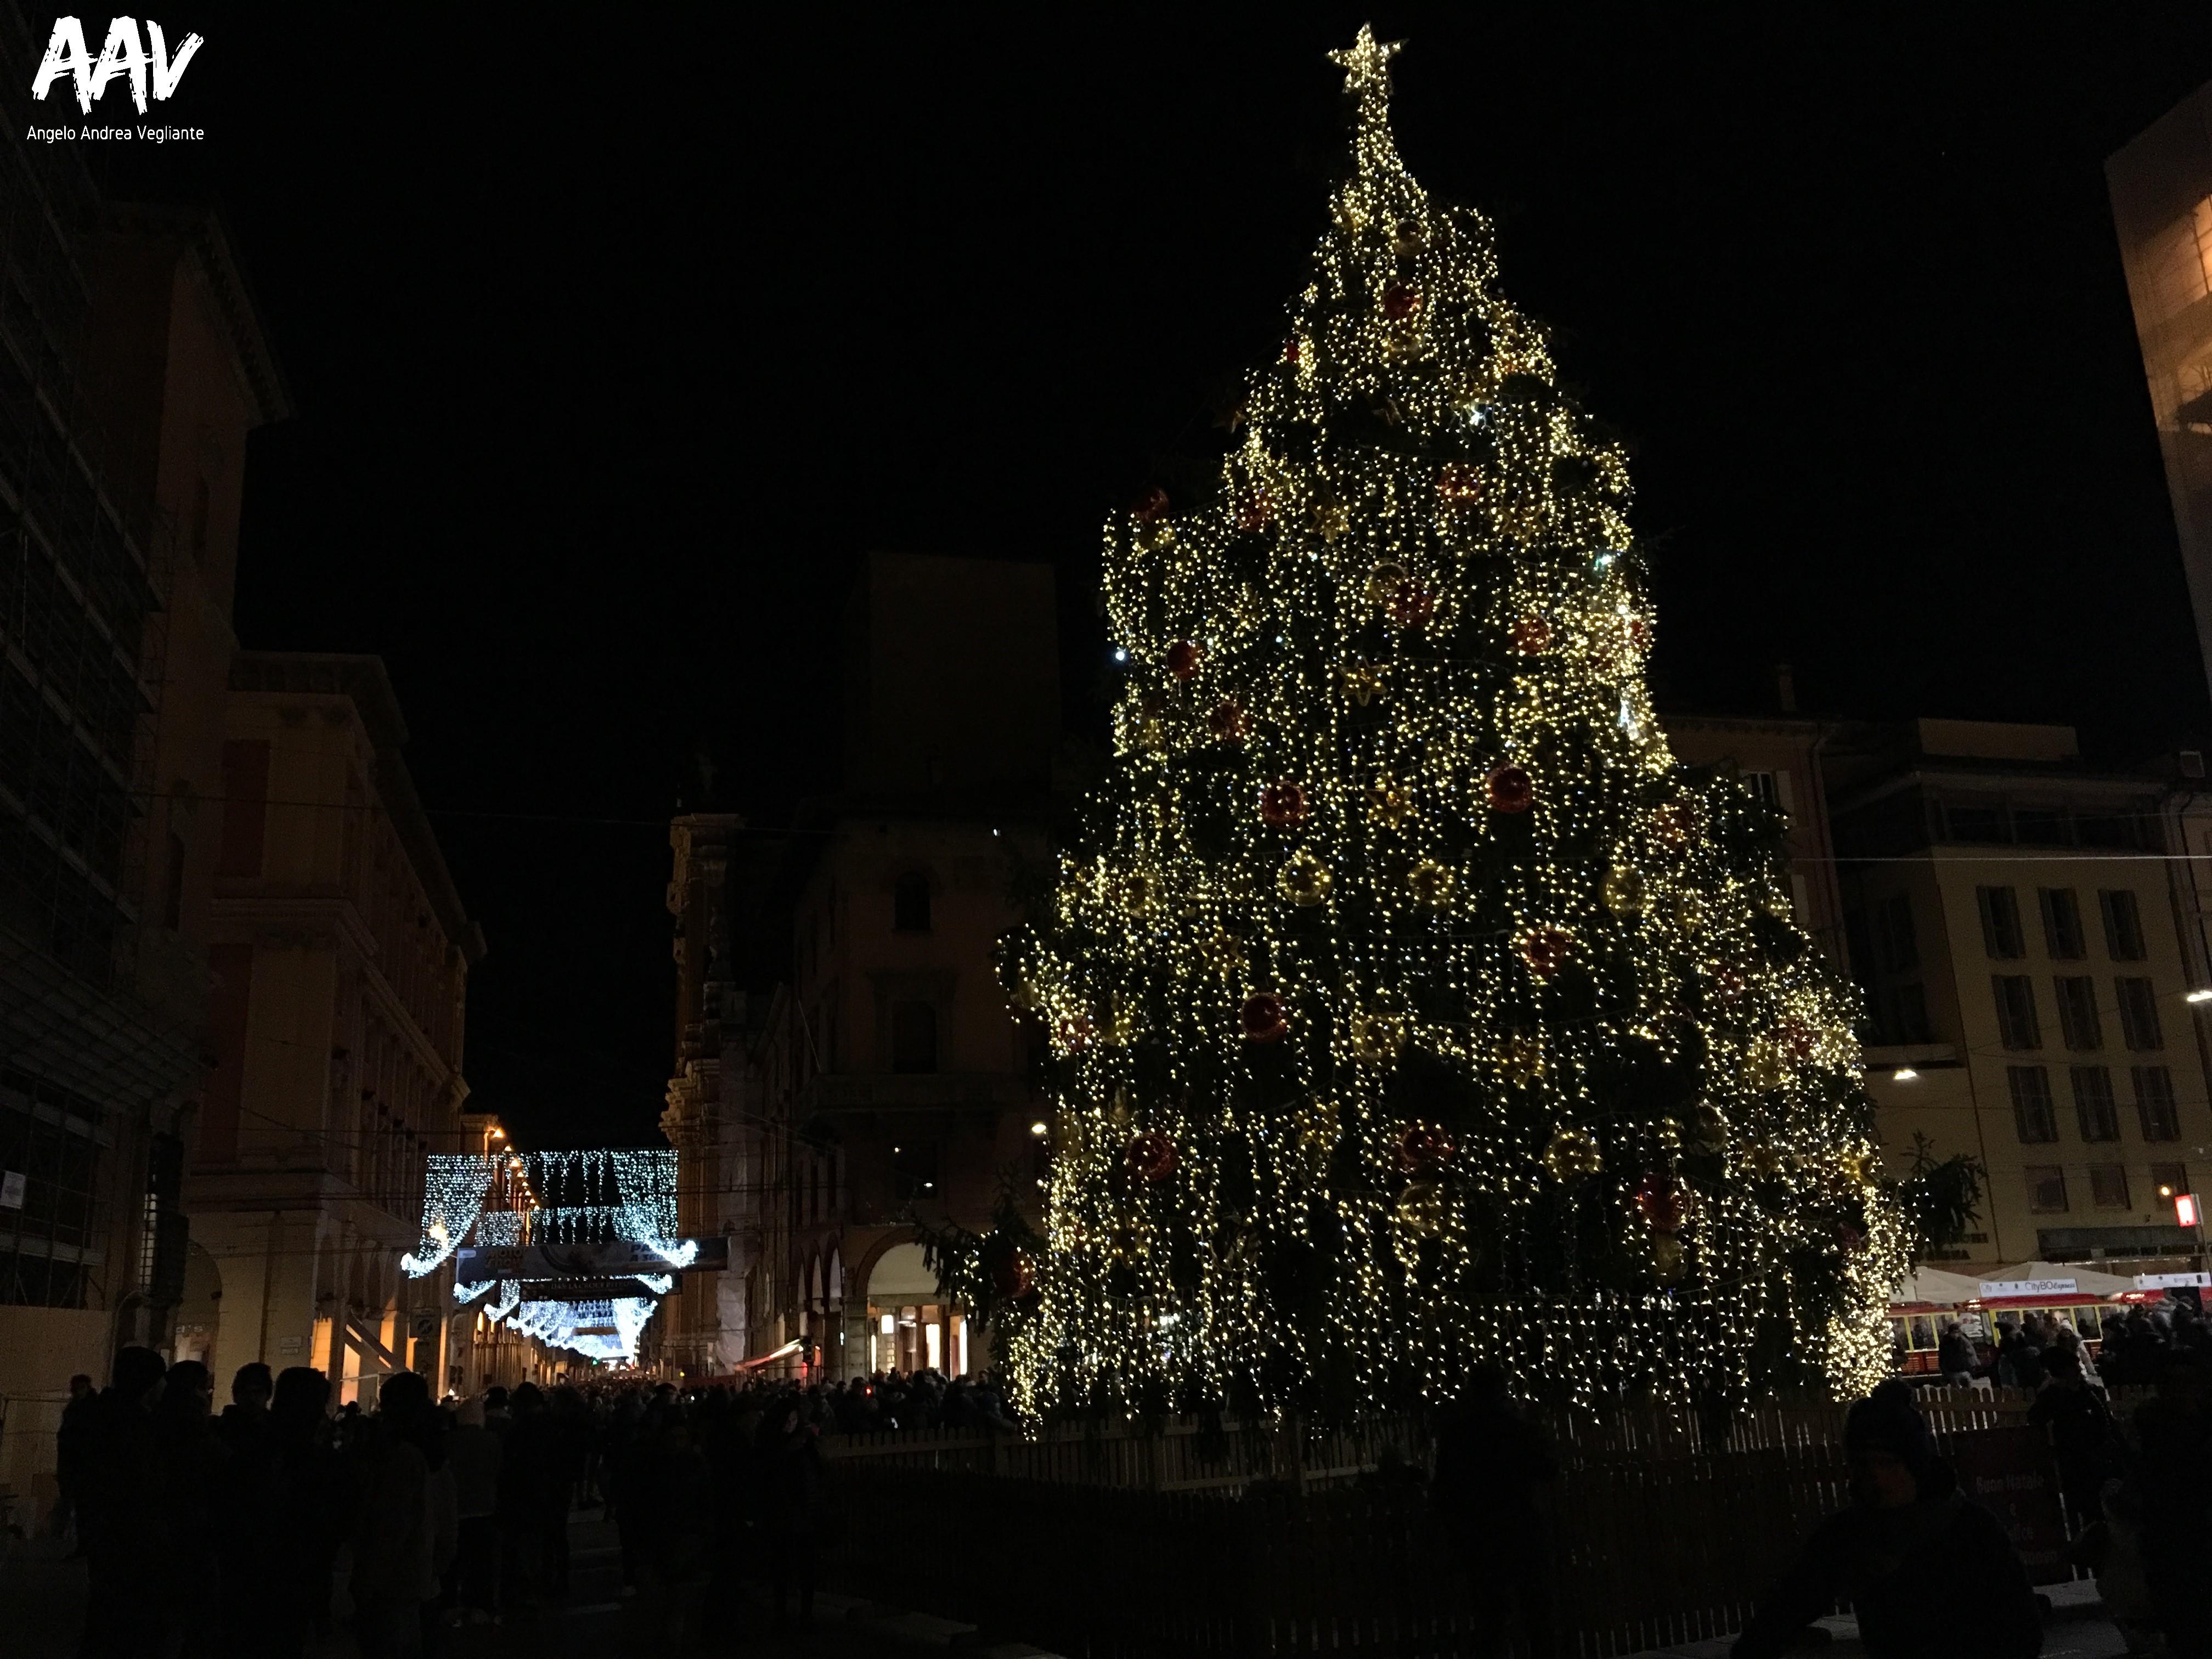 albero di natale-bologna-natale-angelo andrea vegliante-colui che veglia-colui che viaggia-viaggio